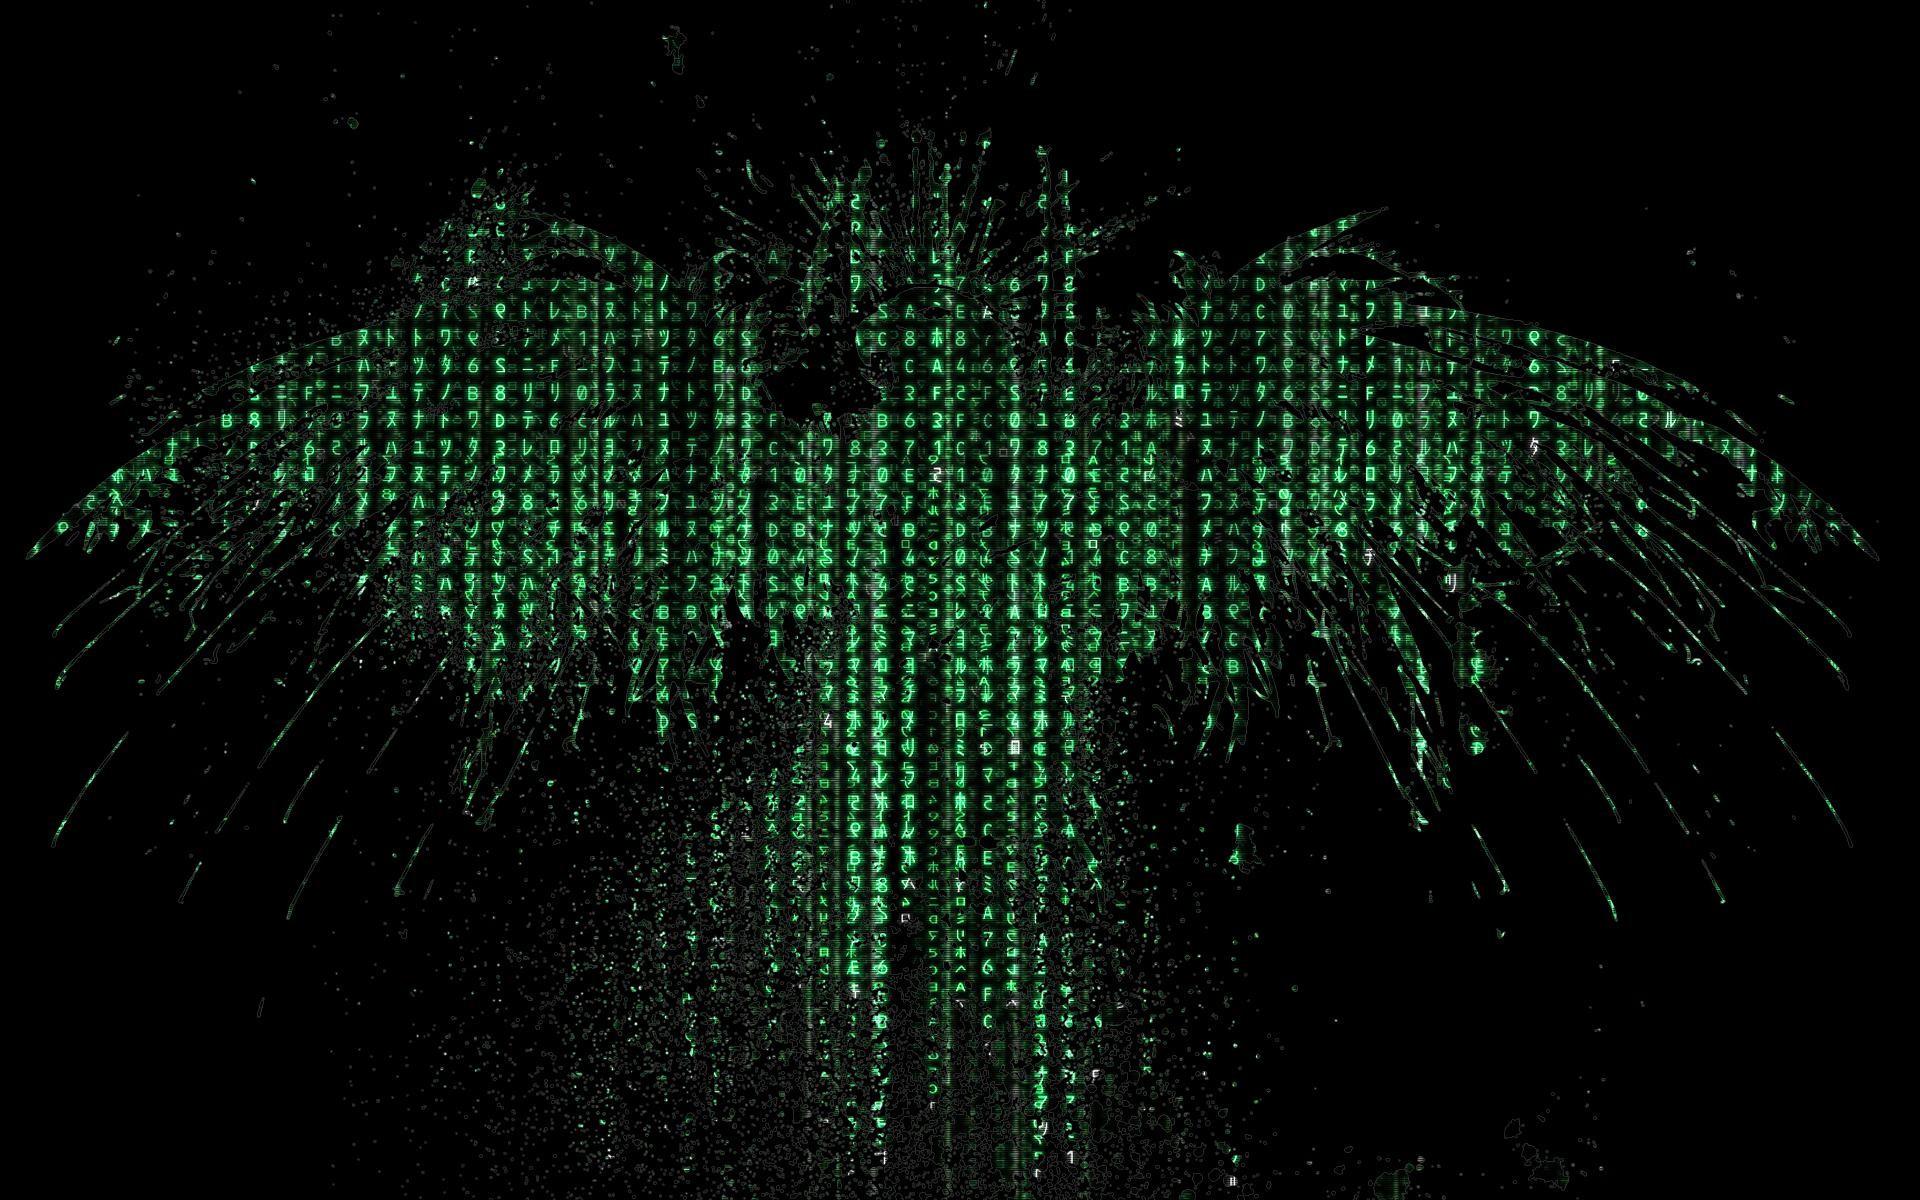 Matrix Falling Code Wallpaper Download Matrix Code Wallpaper Hd 65 Images